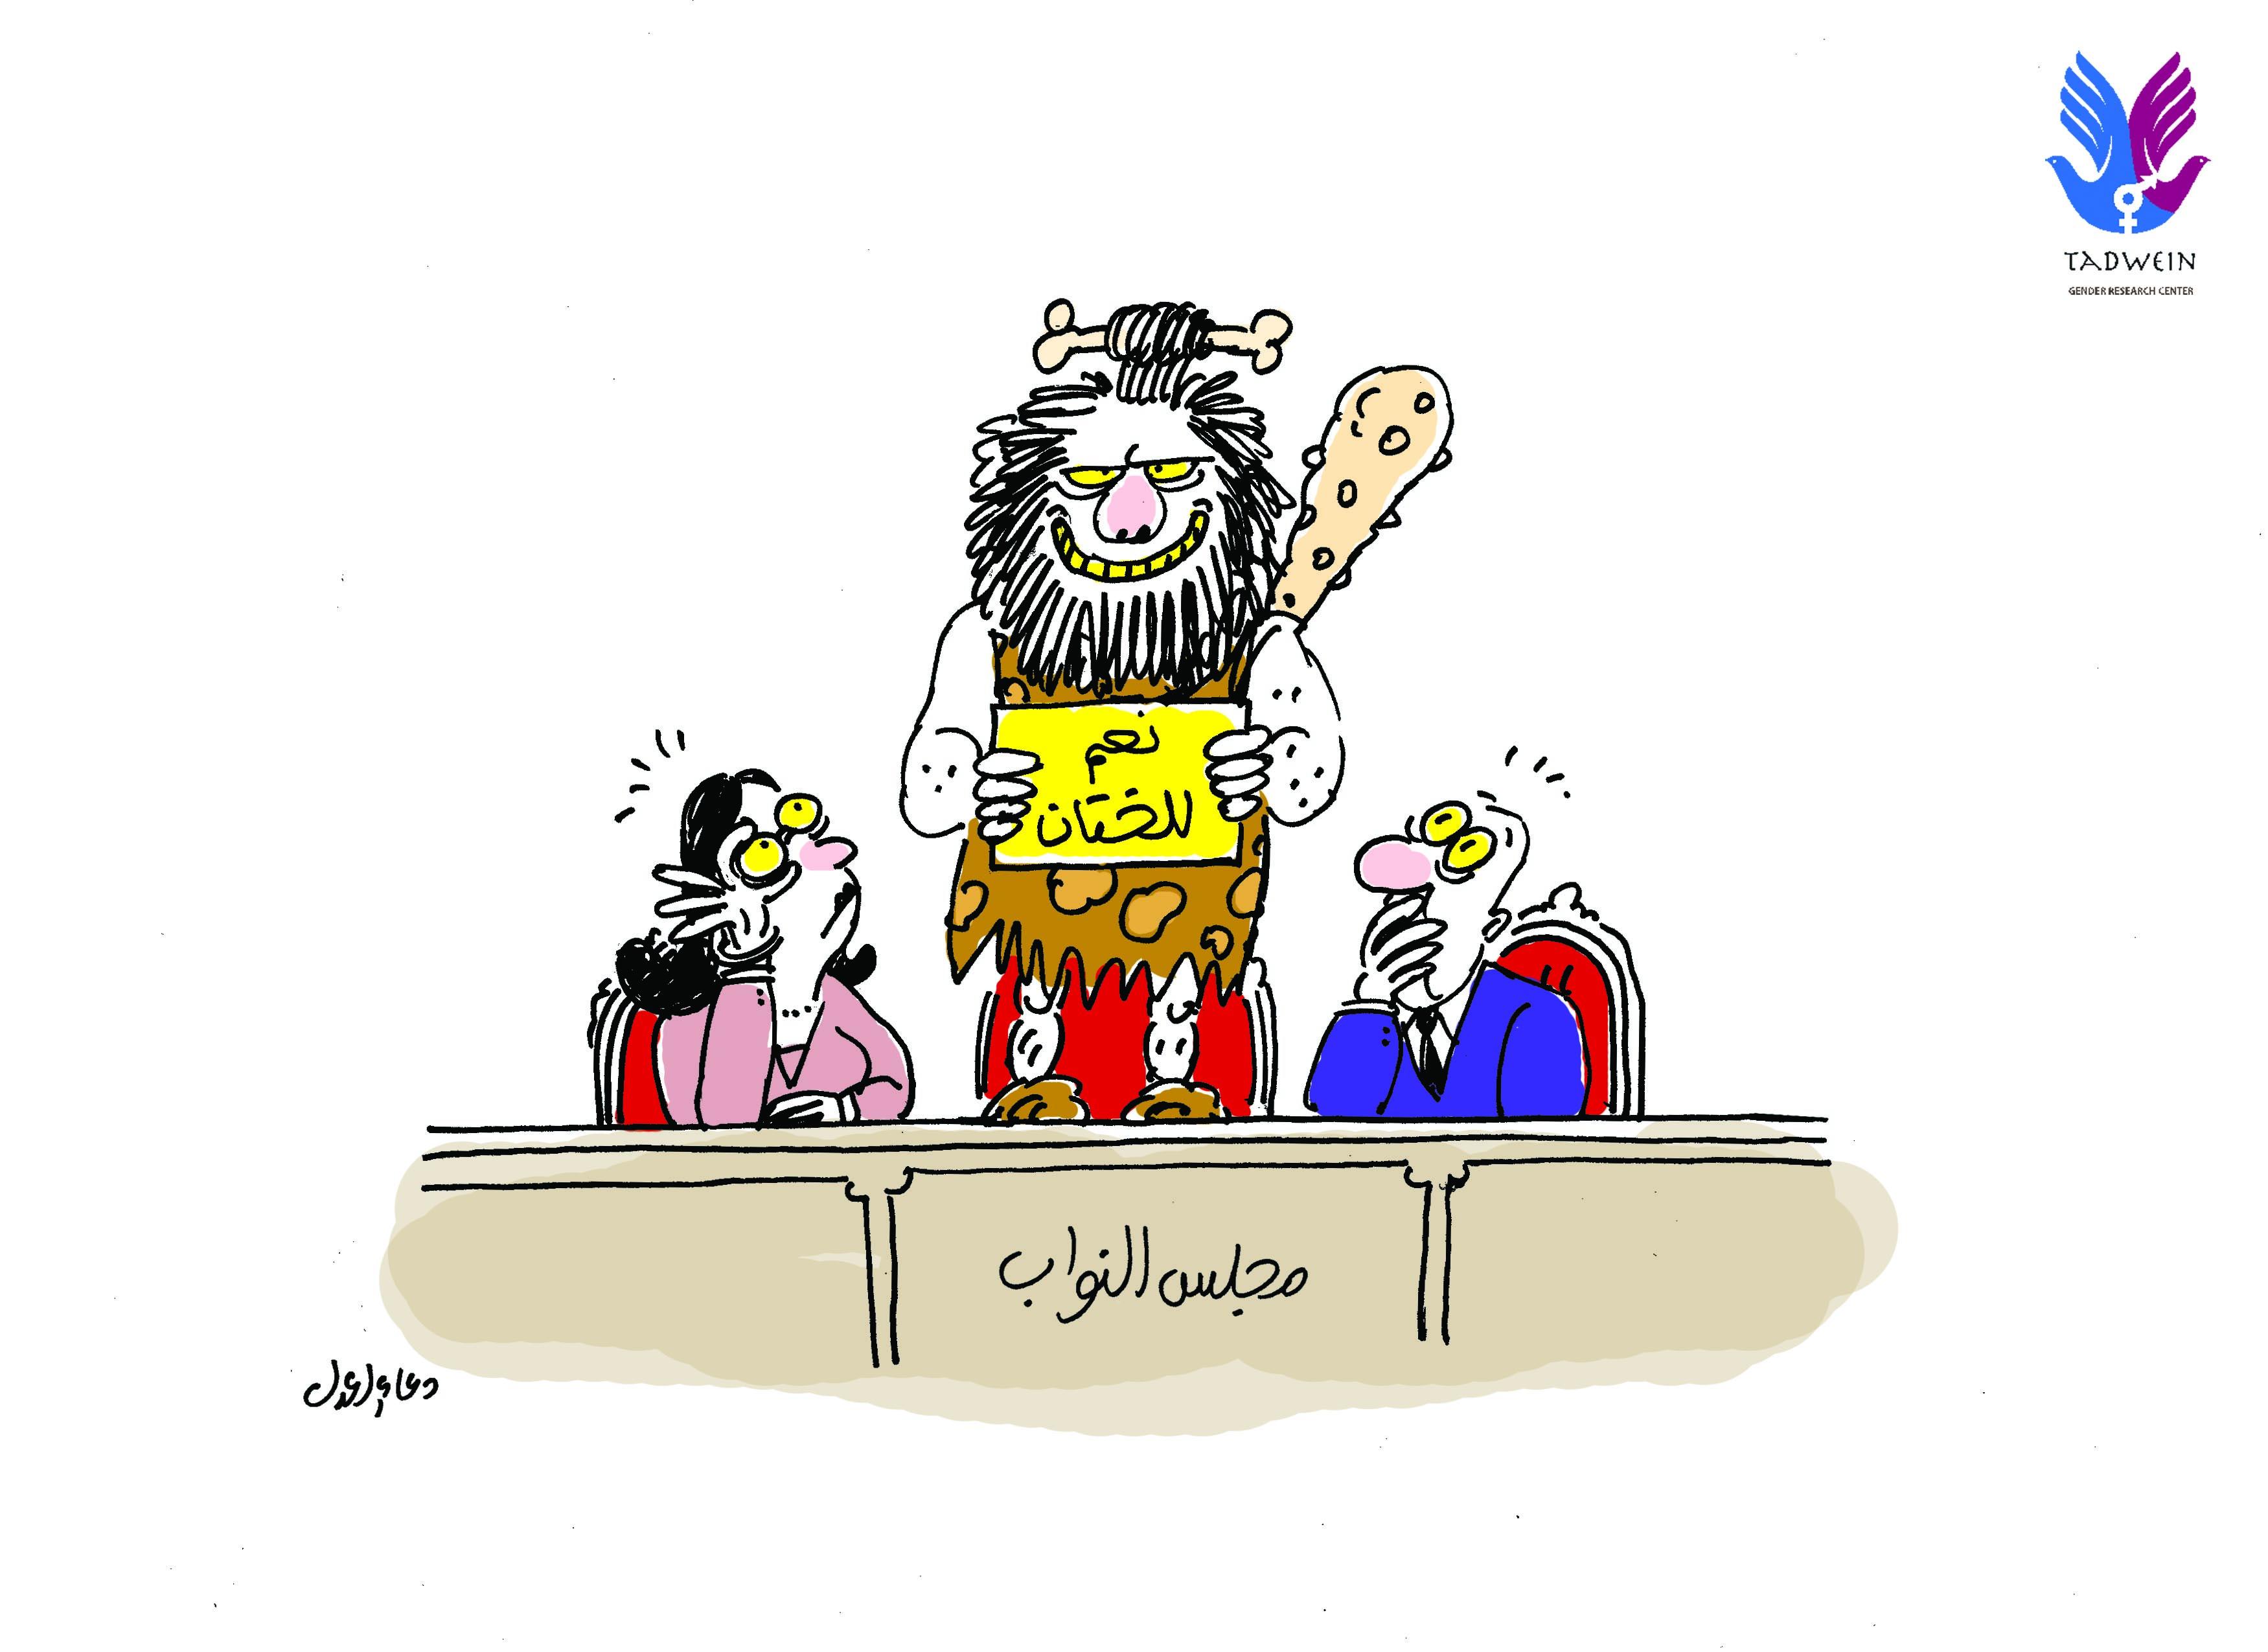 """كاريكاتير خاص بحملة """"حكاوي الختان"""""""